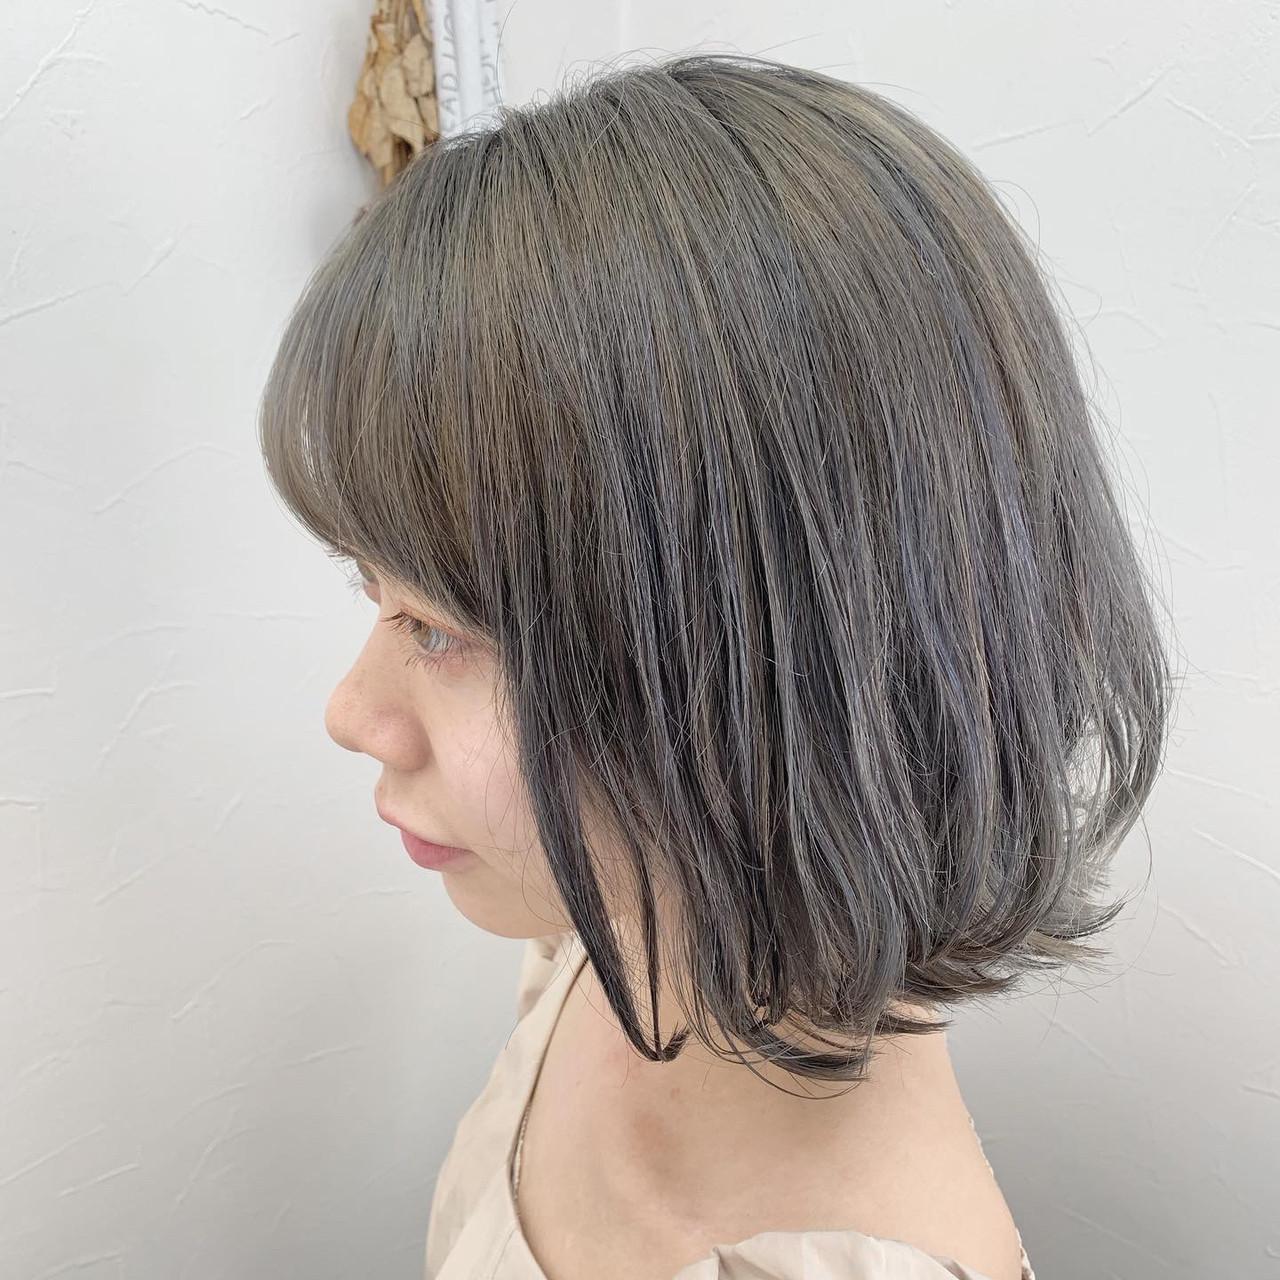 ラベージュ ガーリー グレージュ 簡単スタイリング ヘアスタイルや髪型の写真・画像